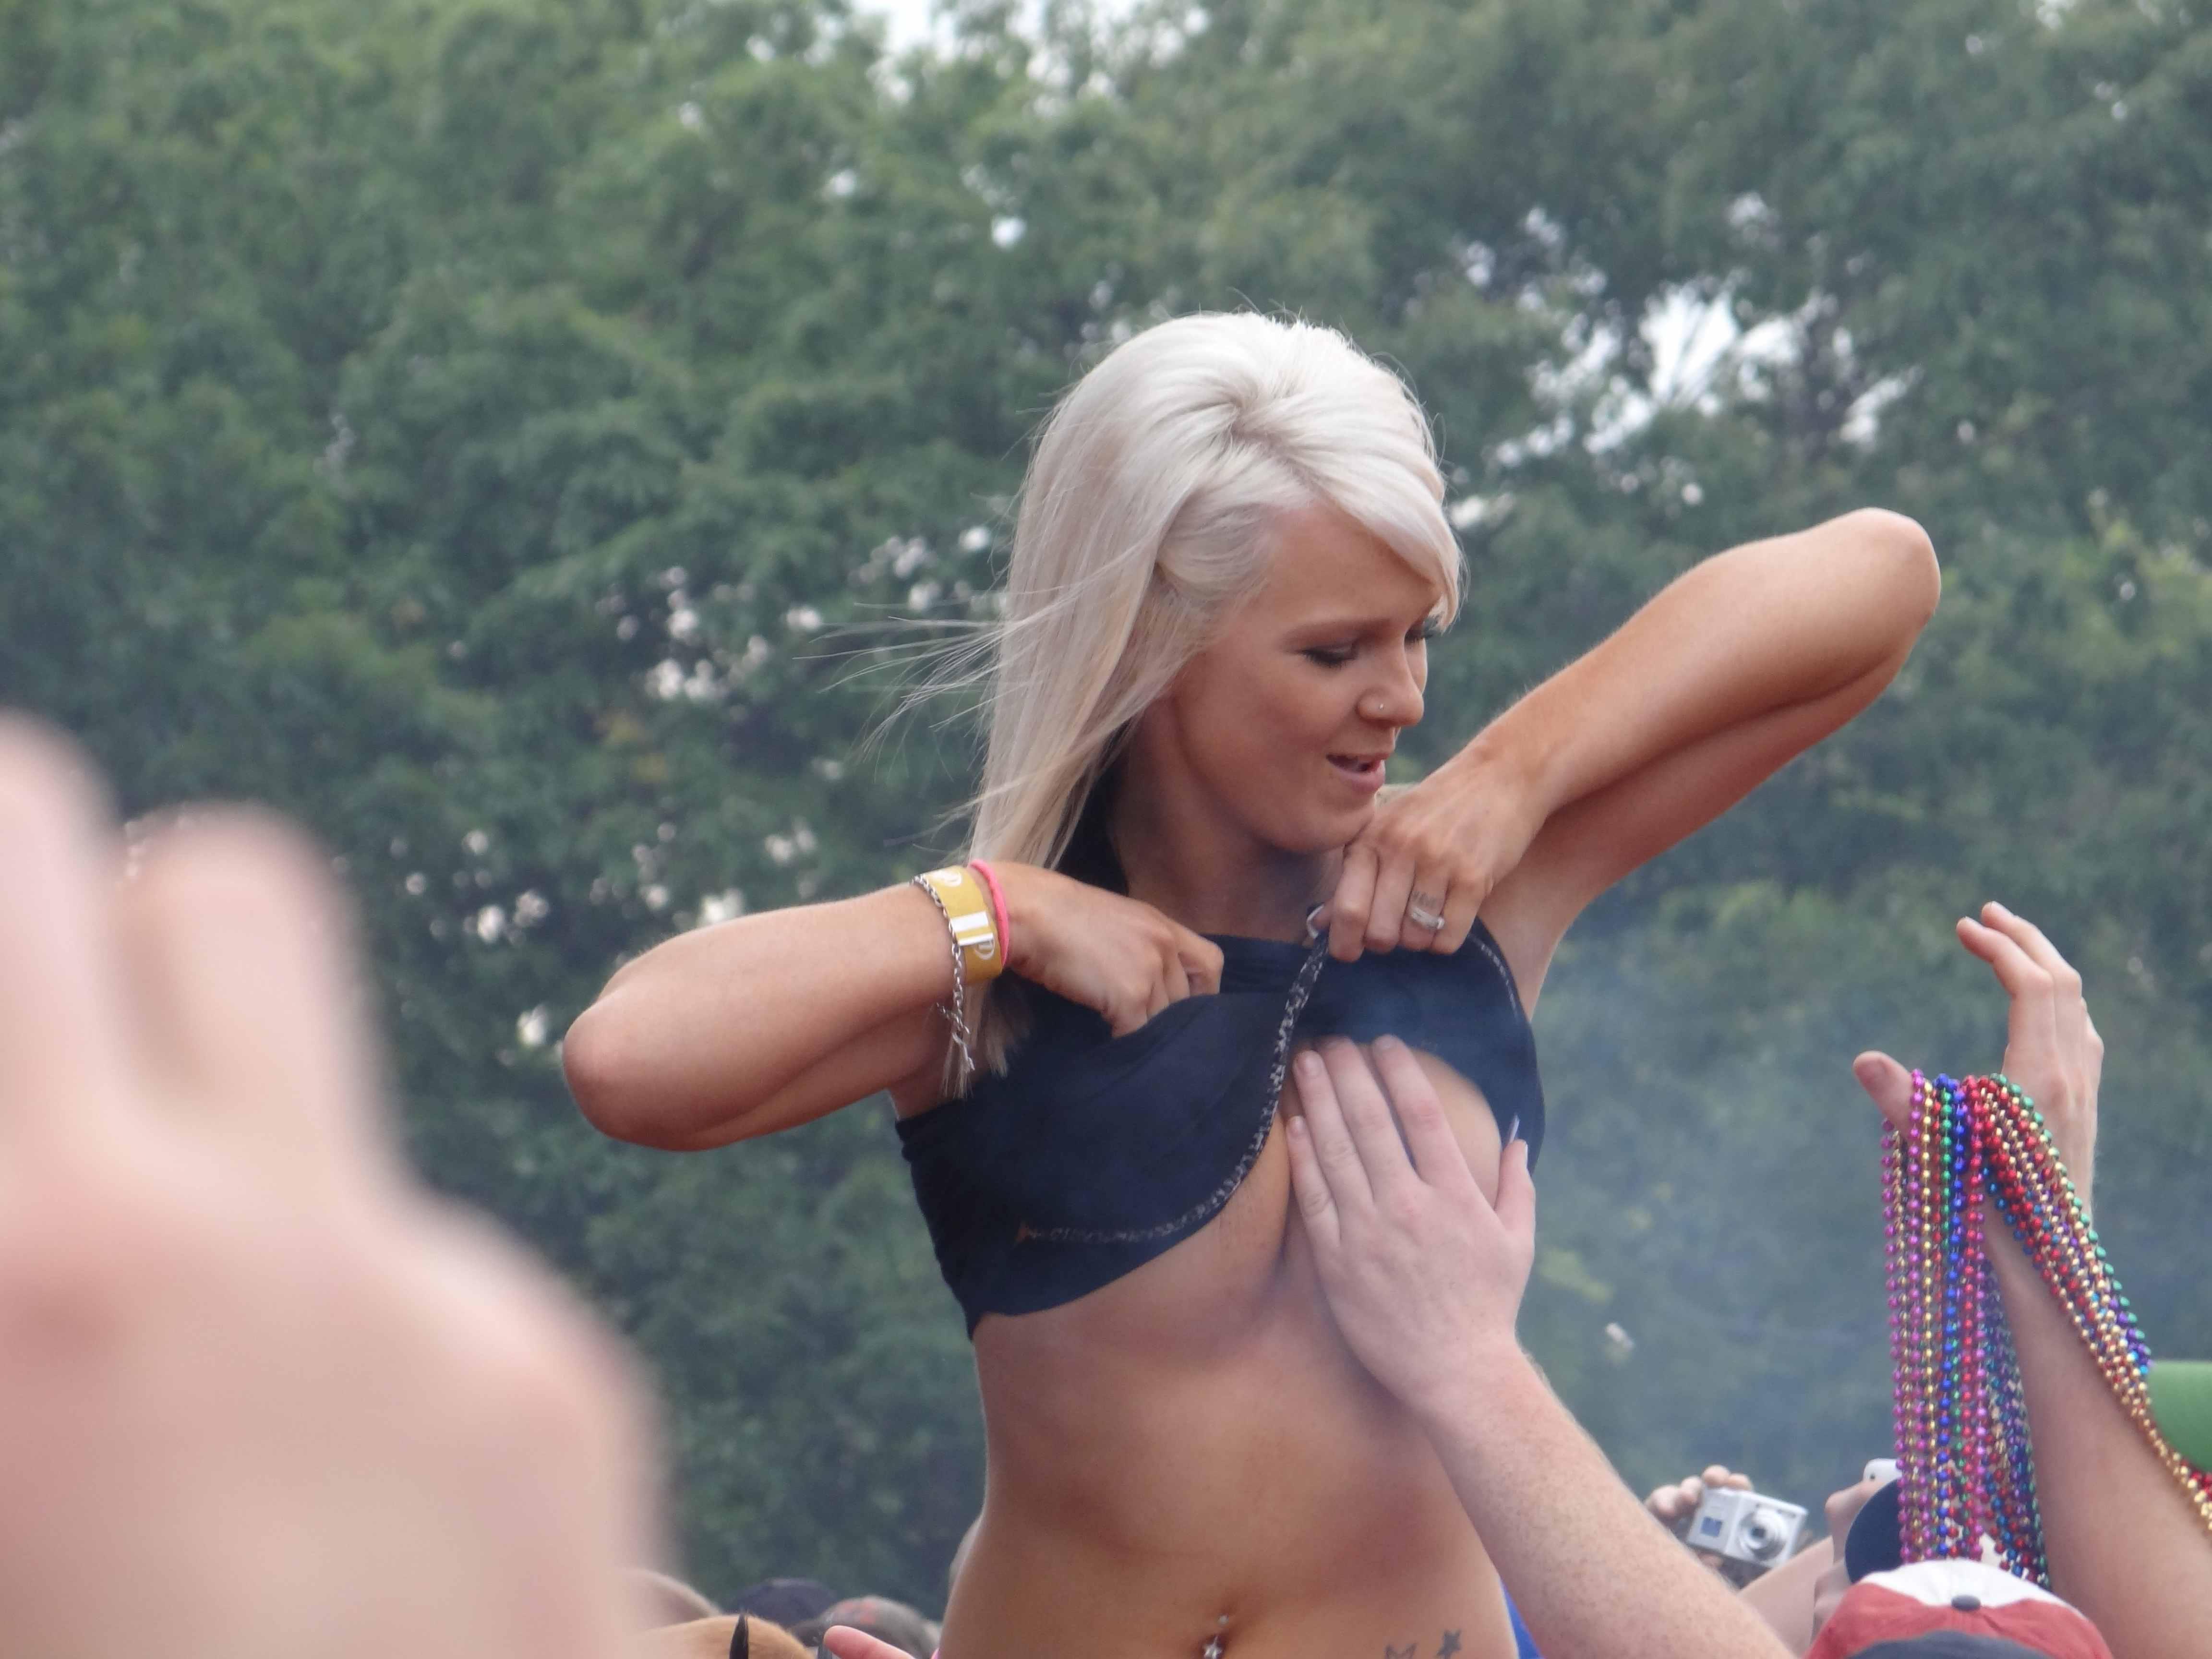 YAPLACAL.COM Nudes Фестиваль и naked boobs